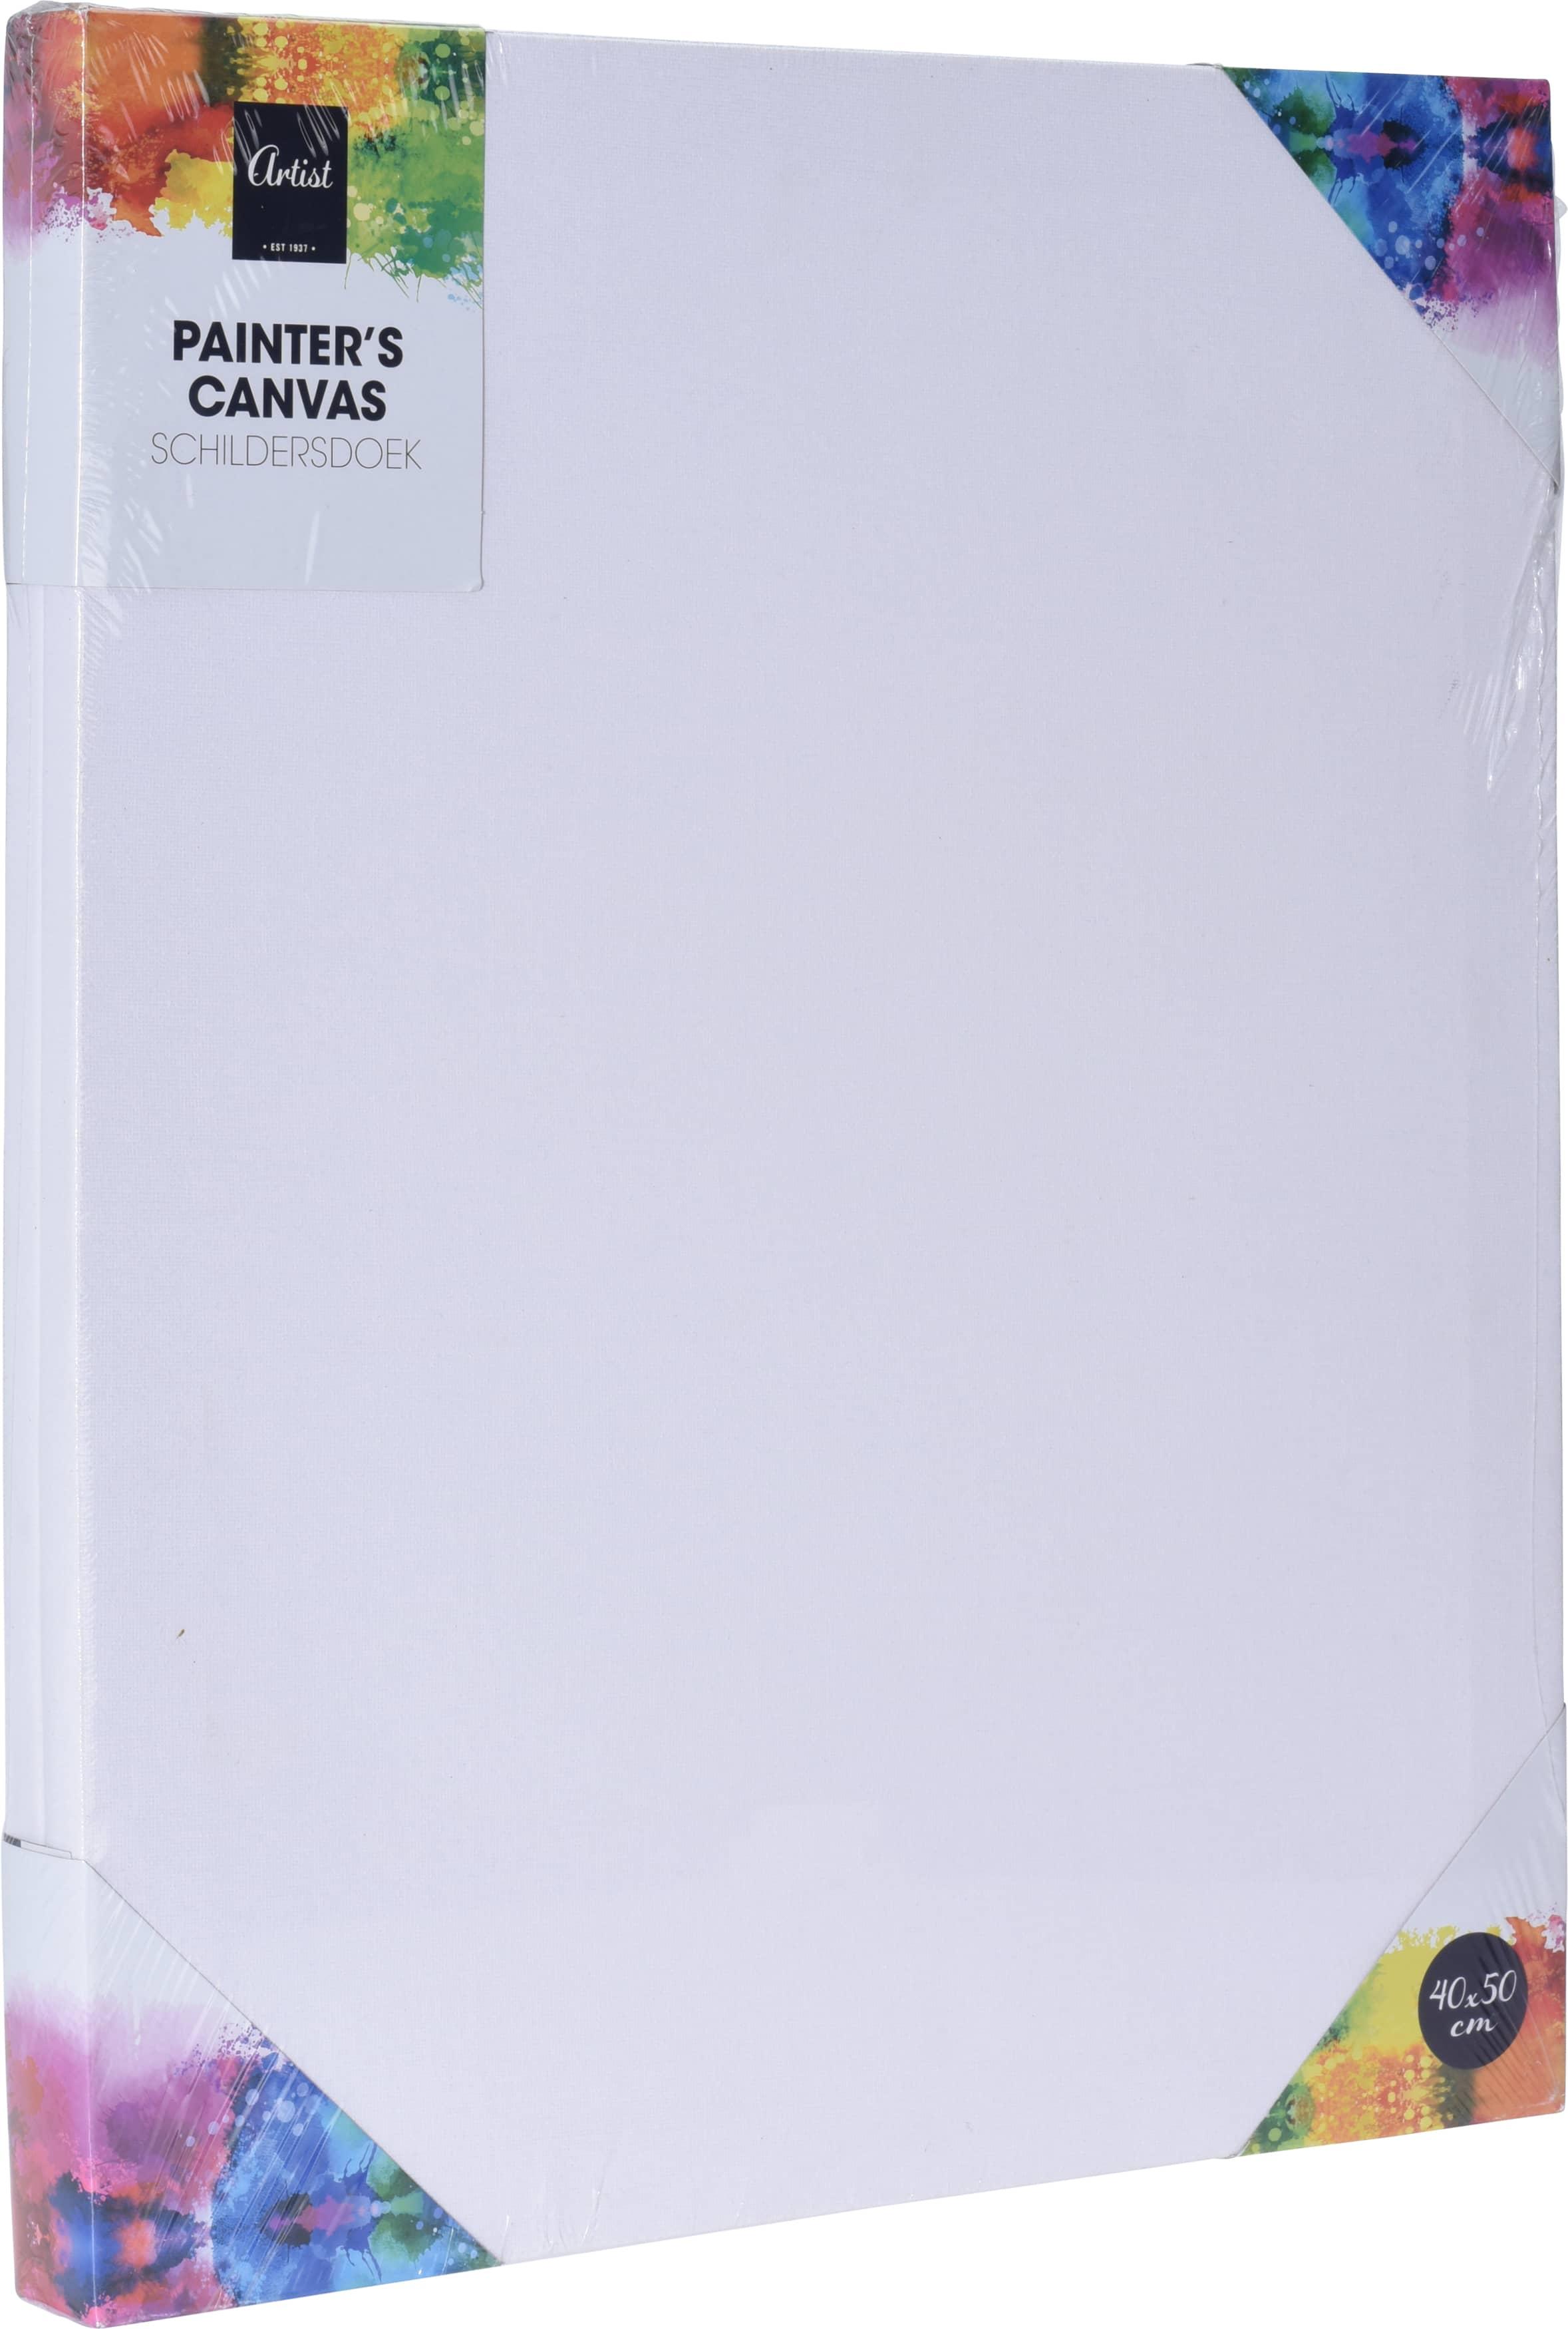 4Goodz 2 stuks rechthoekige canvas schildersdoeken - 40x50 cm